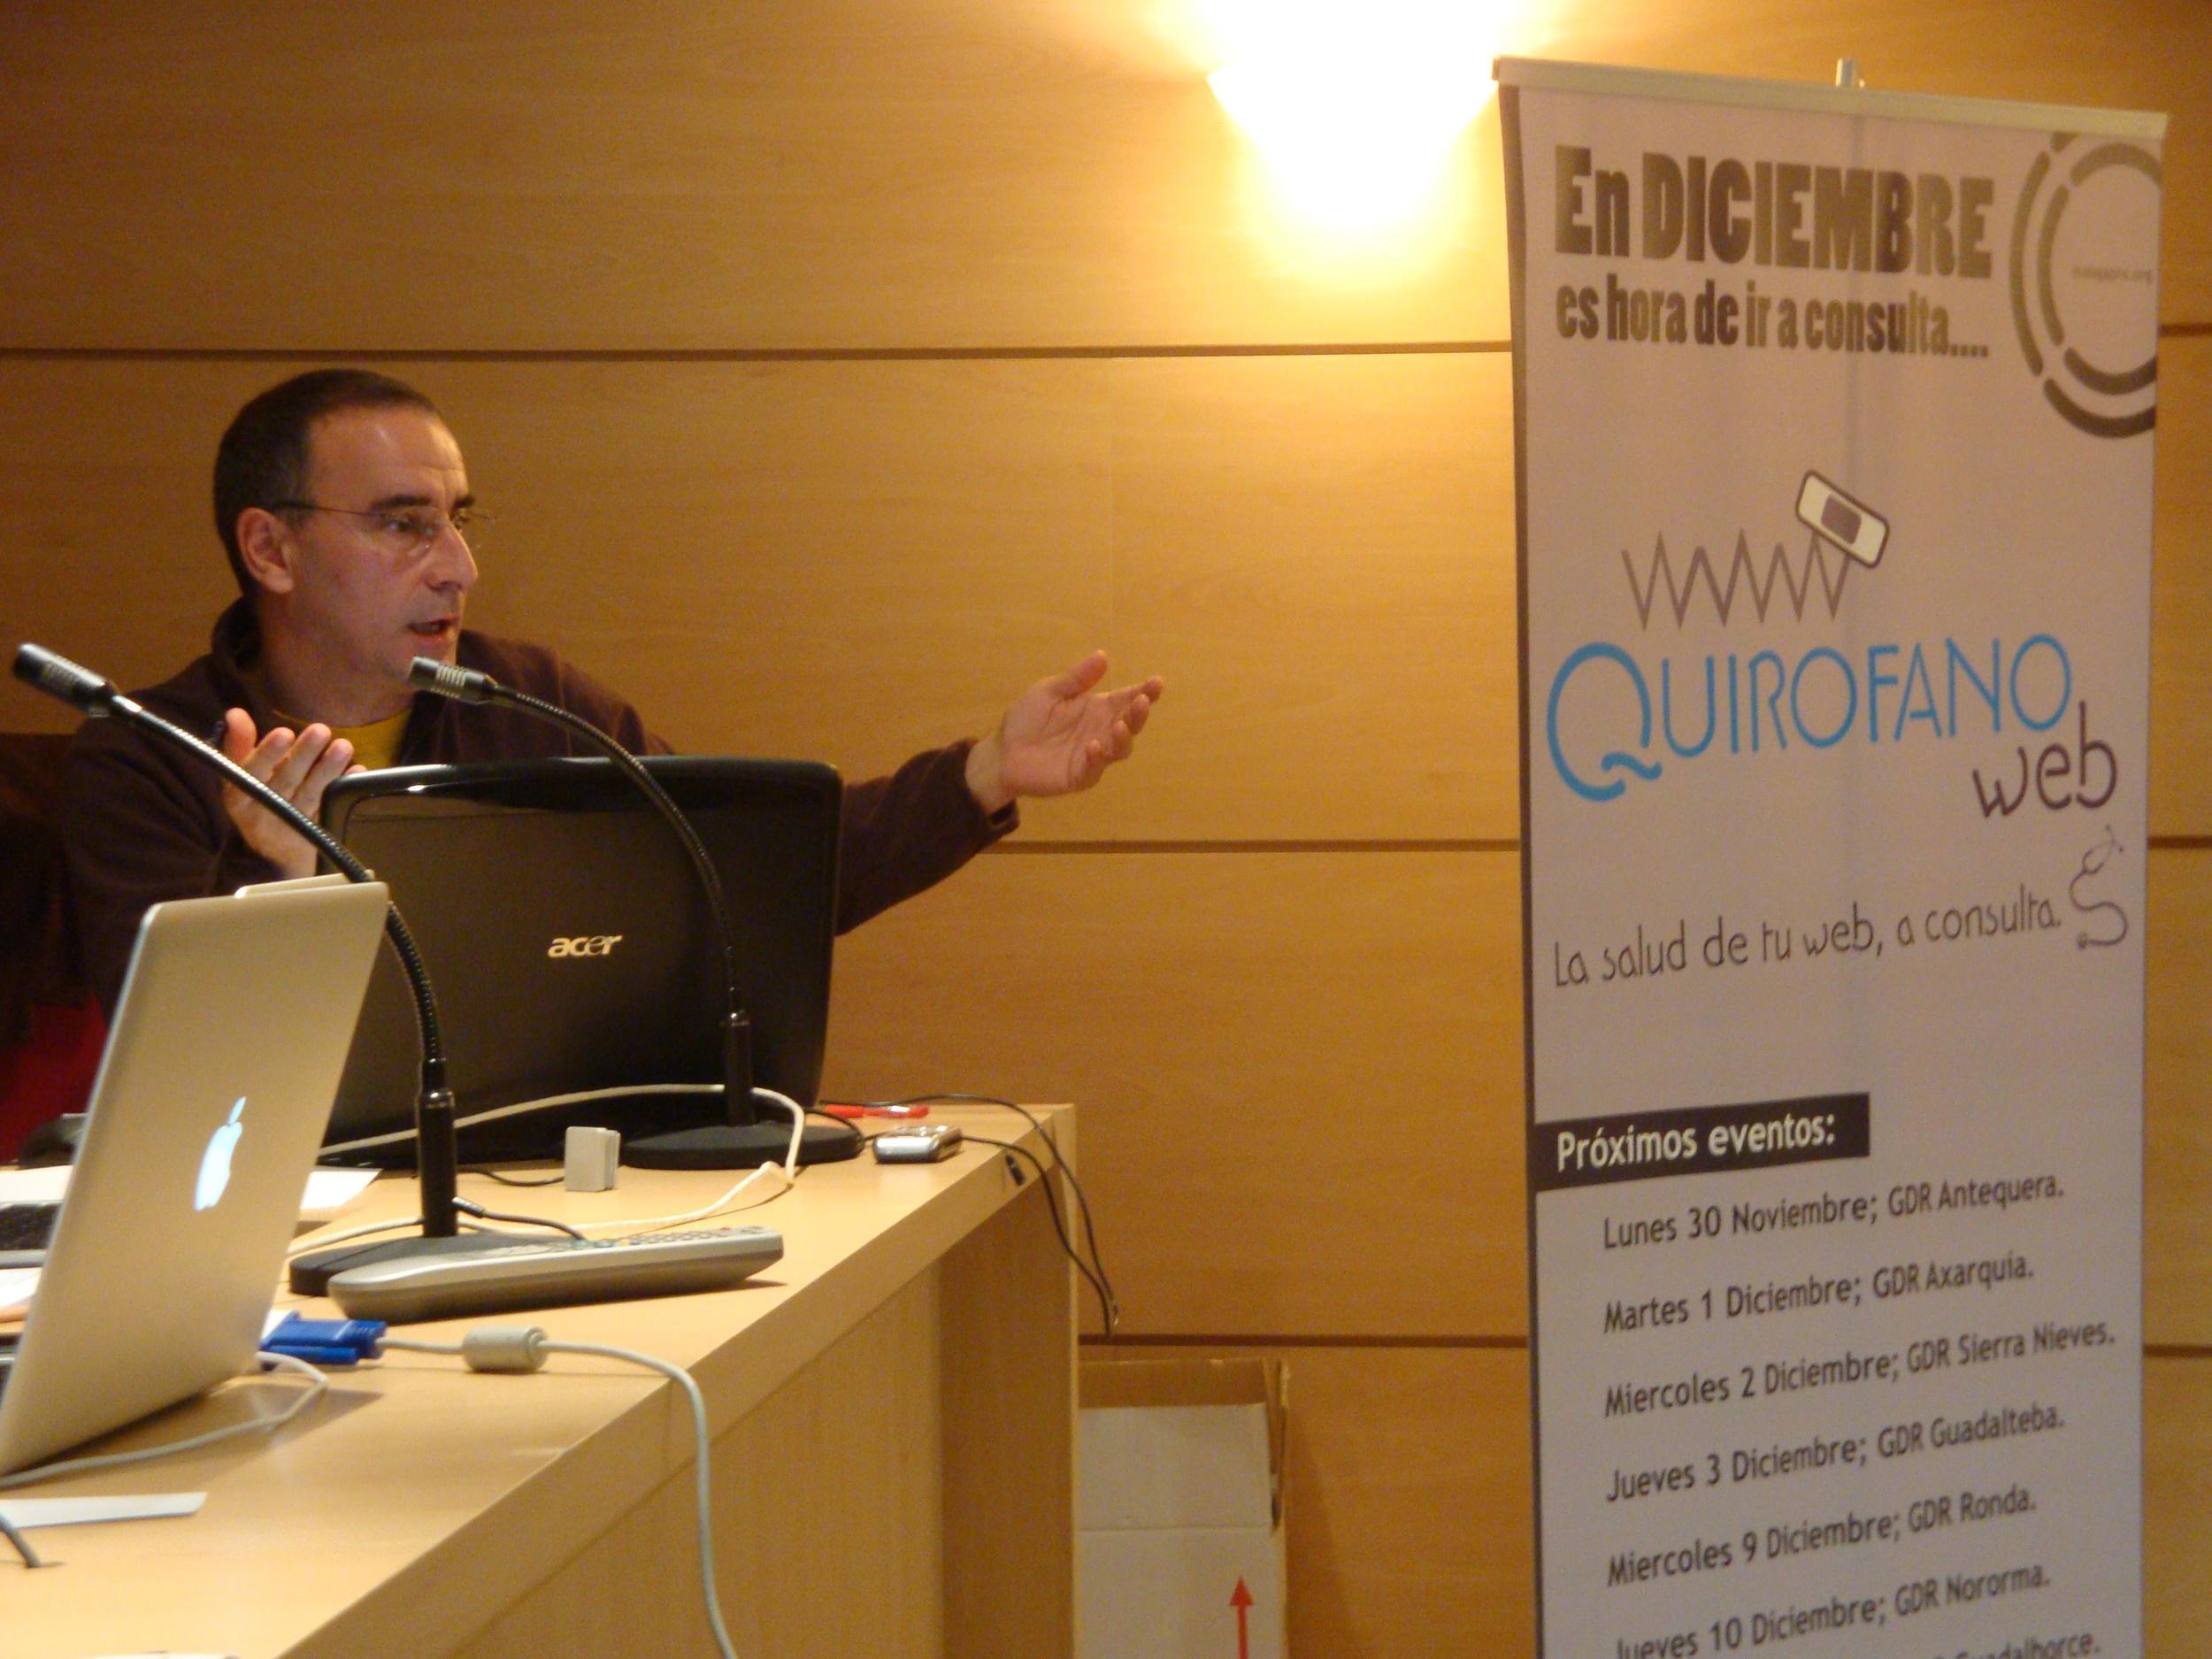 Javier Castaño en el evento Quirófano web.